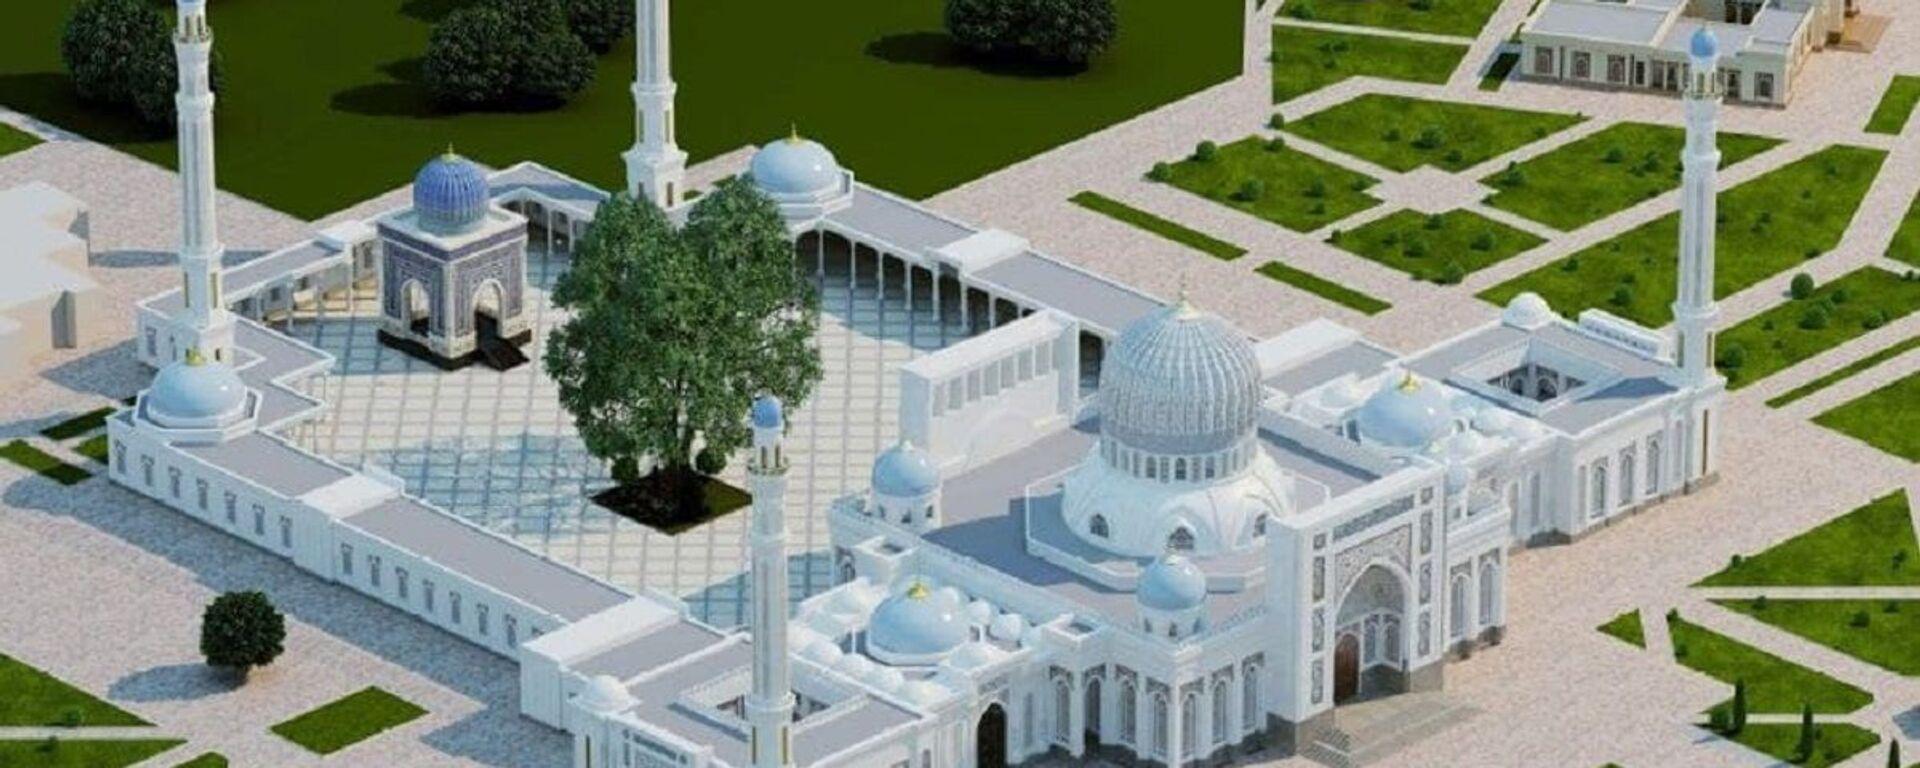 Будут реконструировать мавзолей Имама Бухари - Sputnik Ўзбекистон, 1920, 14.02.2021